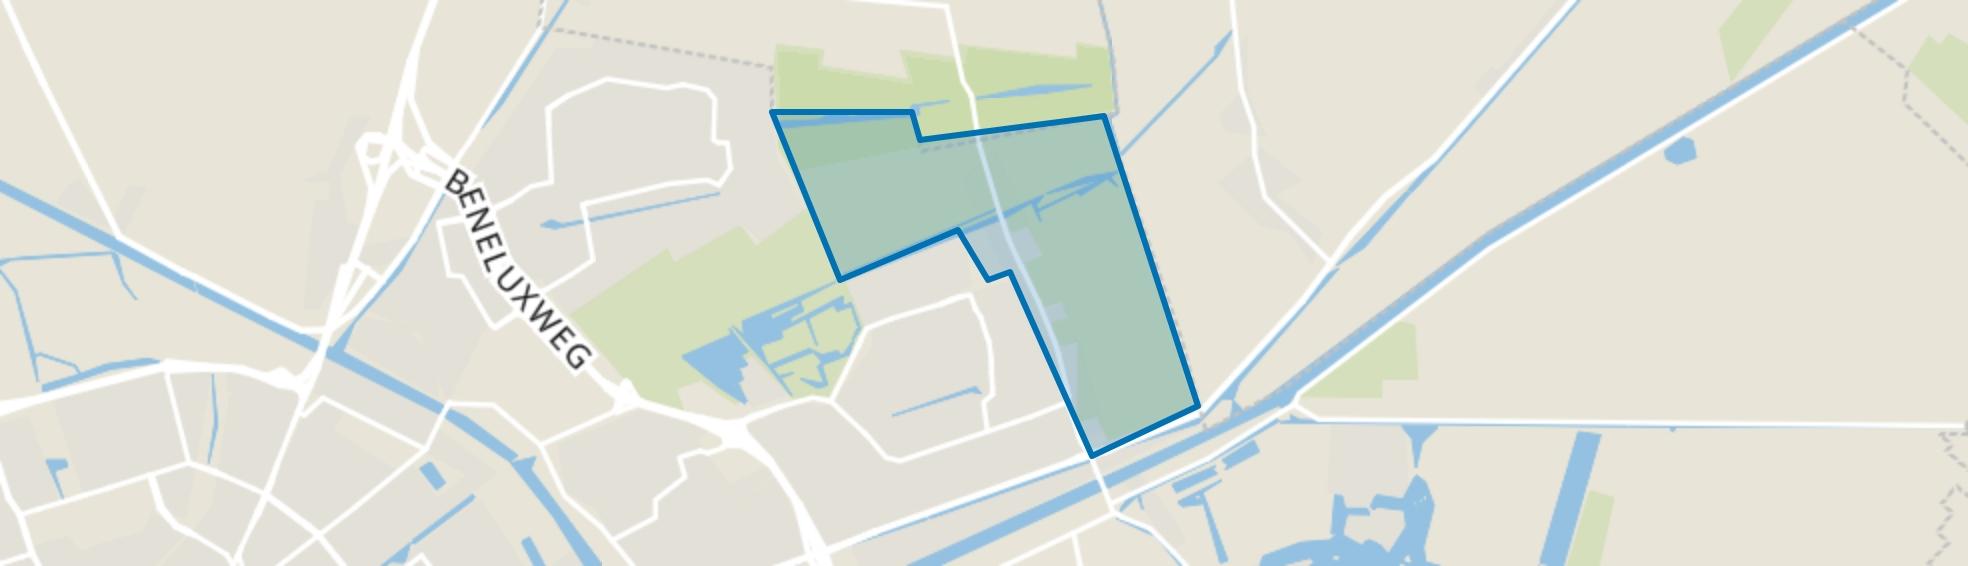 Noorddijk, Groningen map